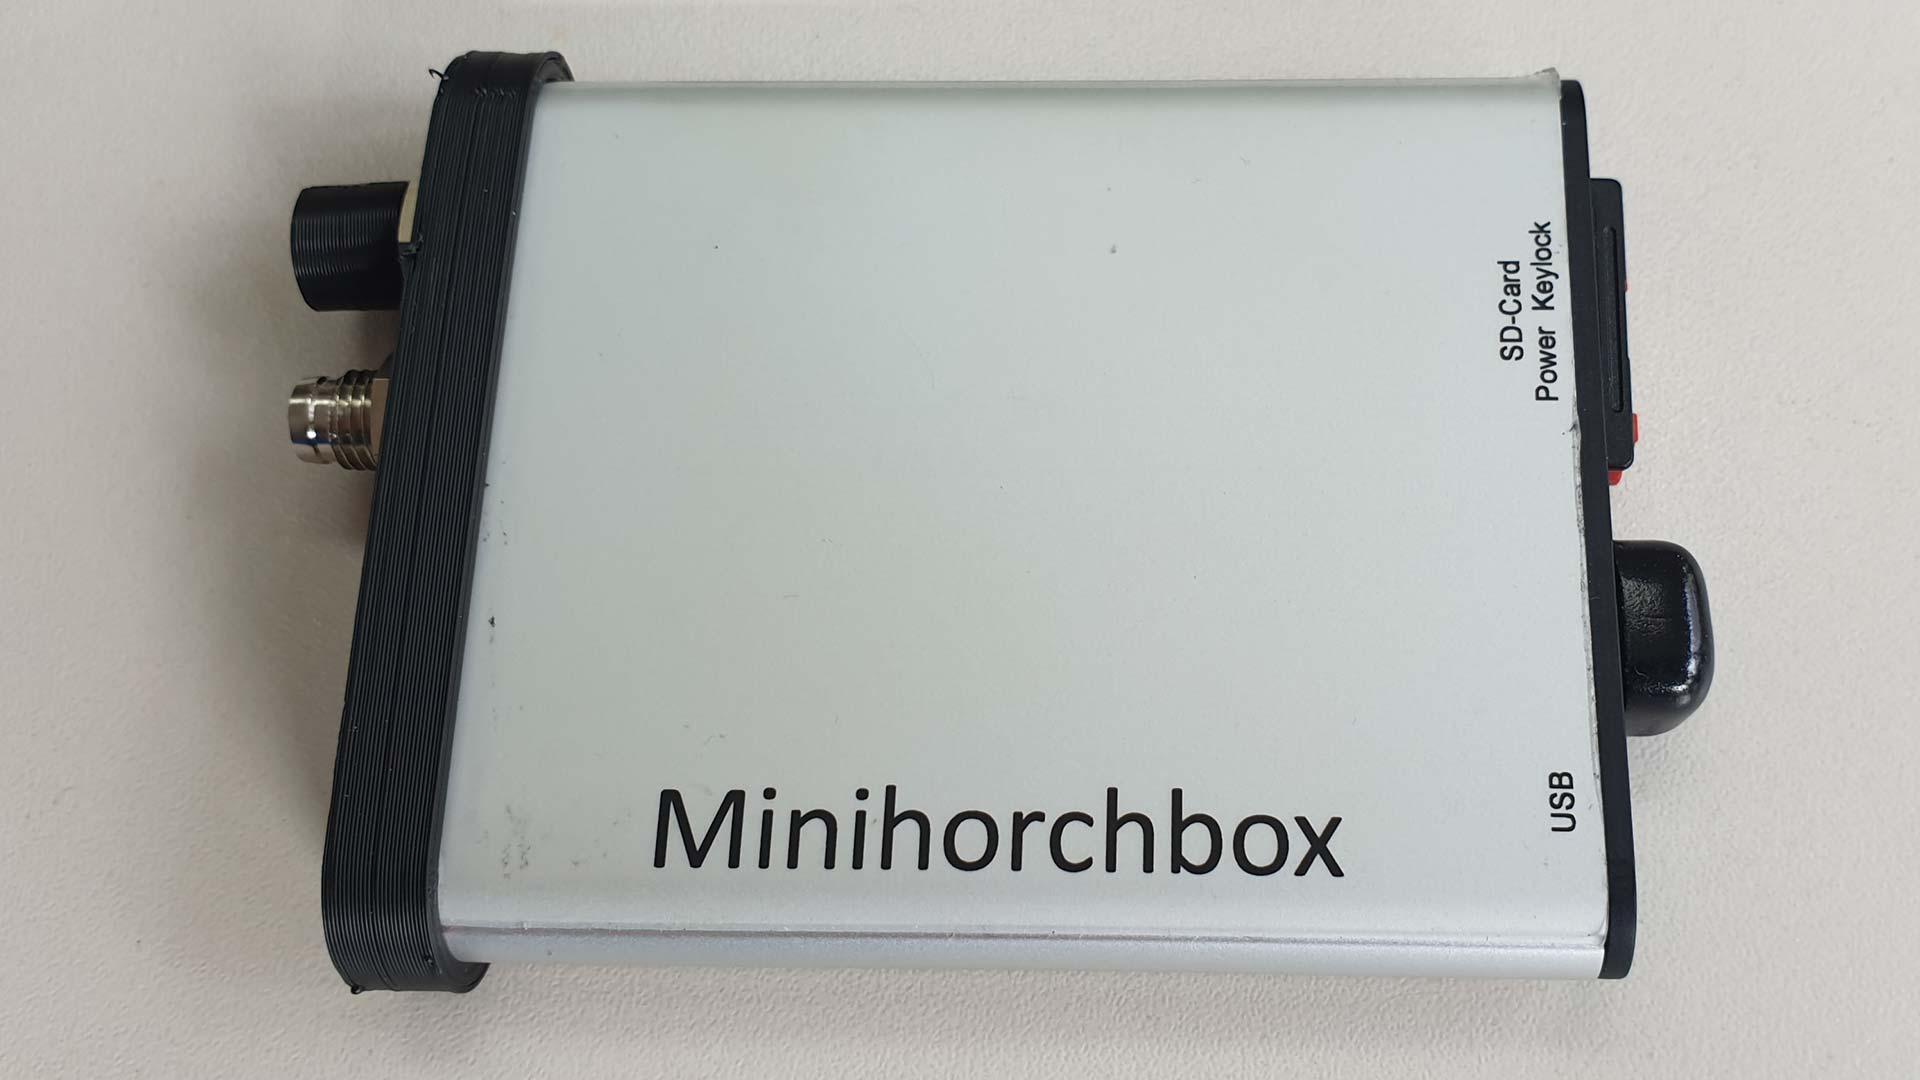 Die Minihorchbox von vorne